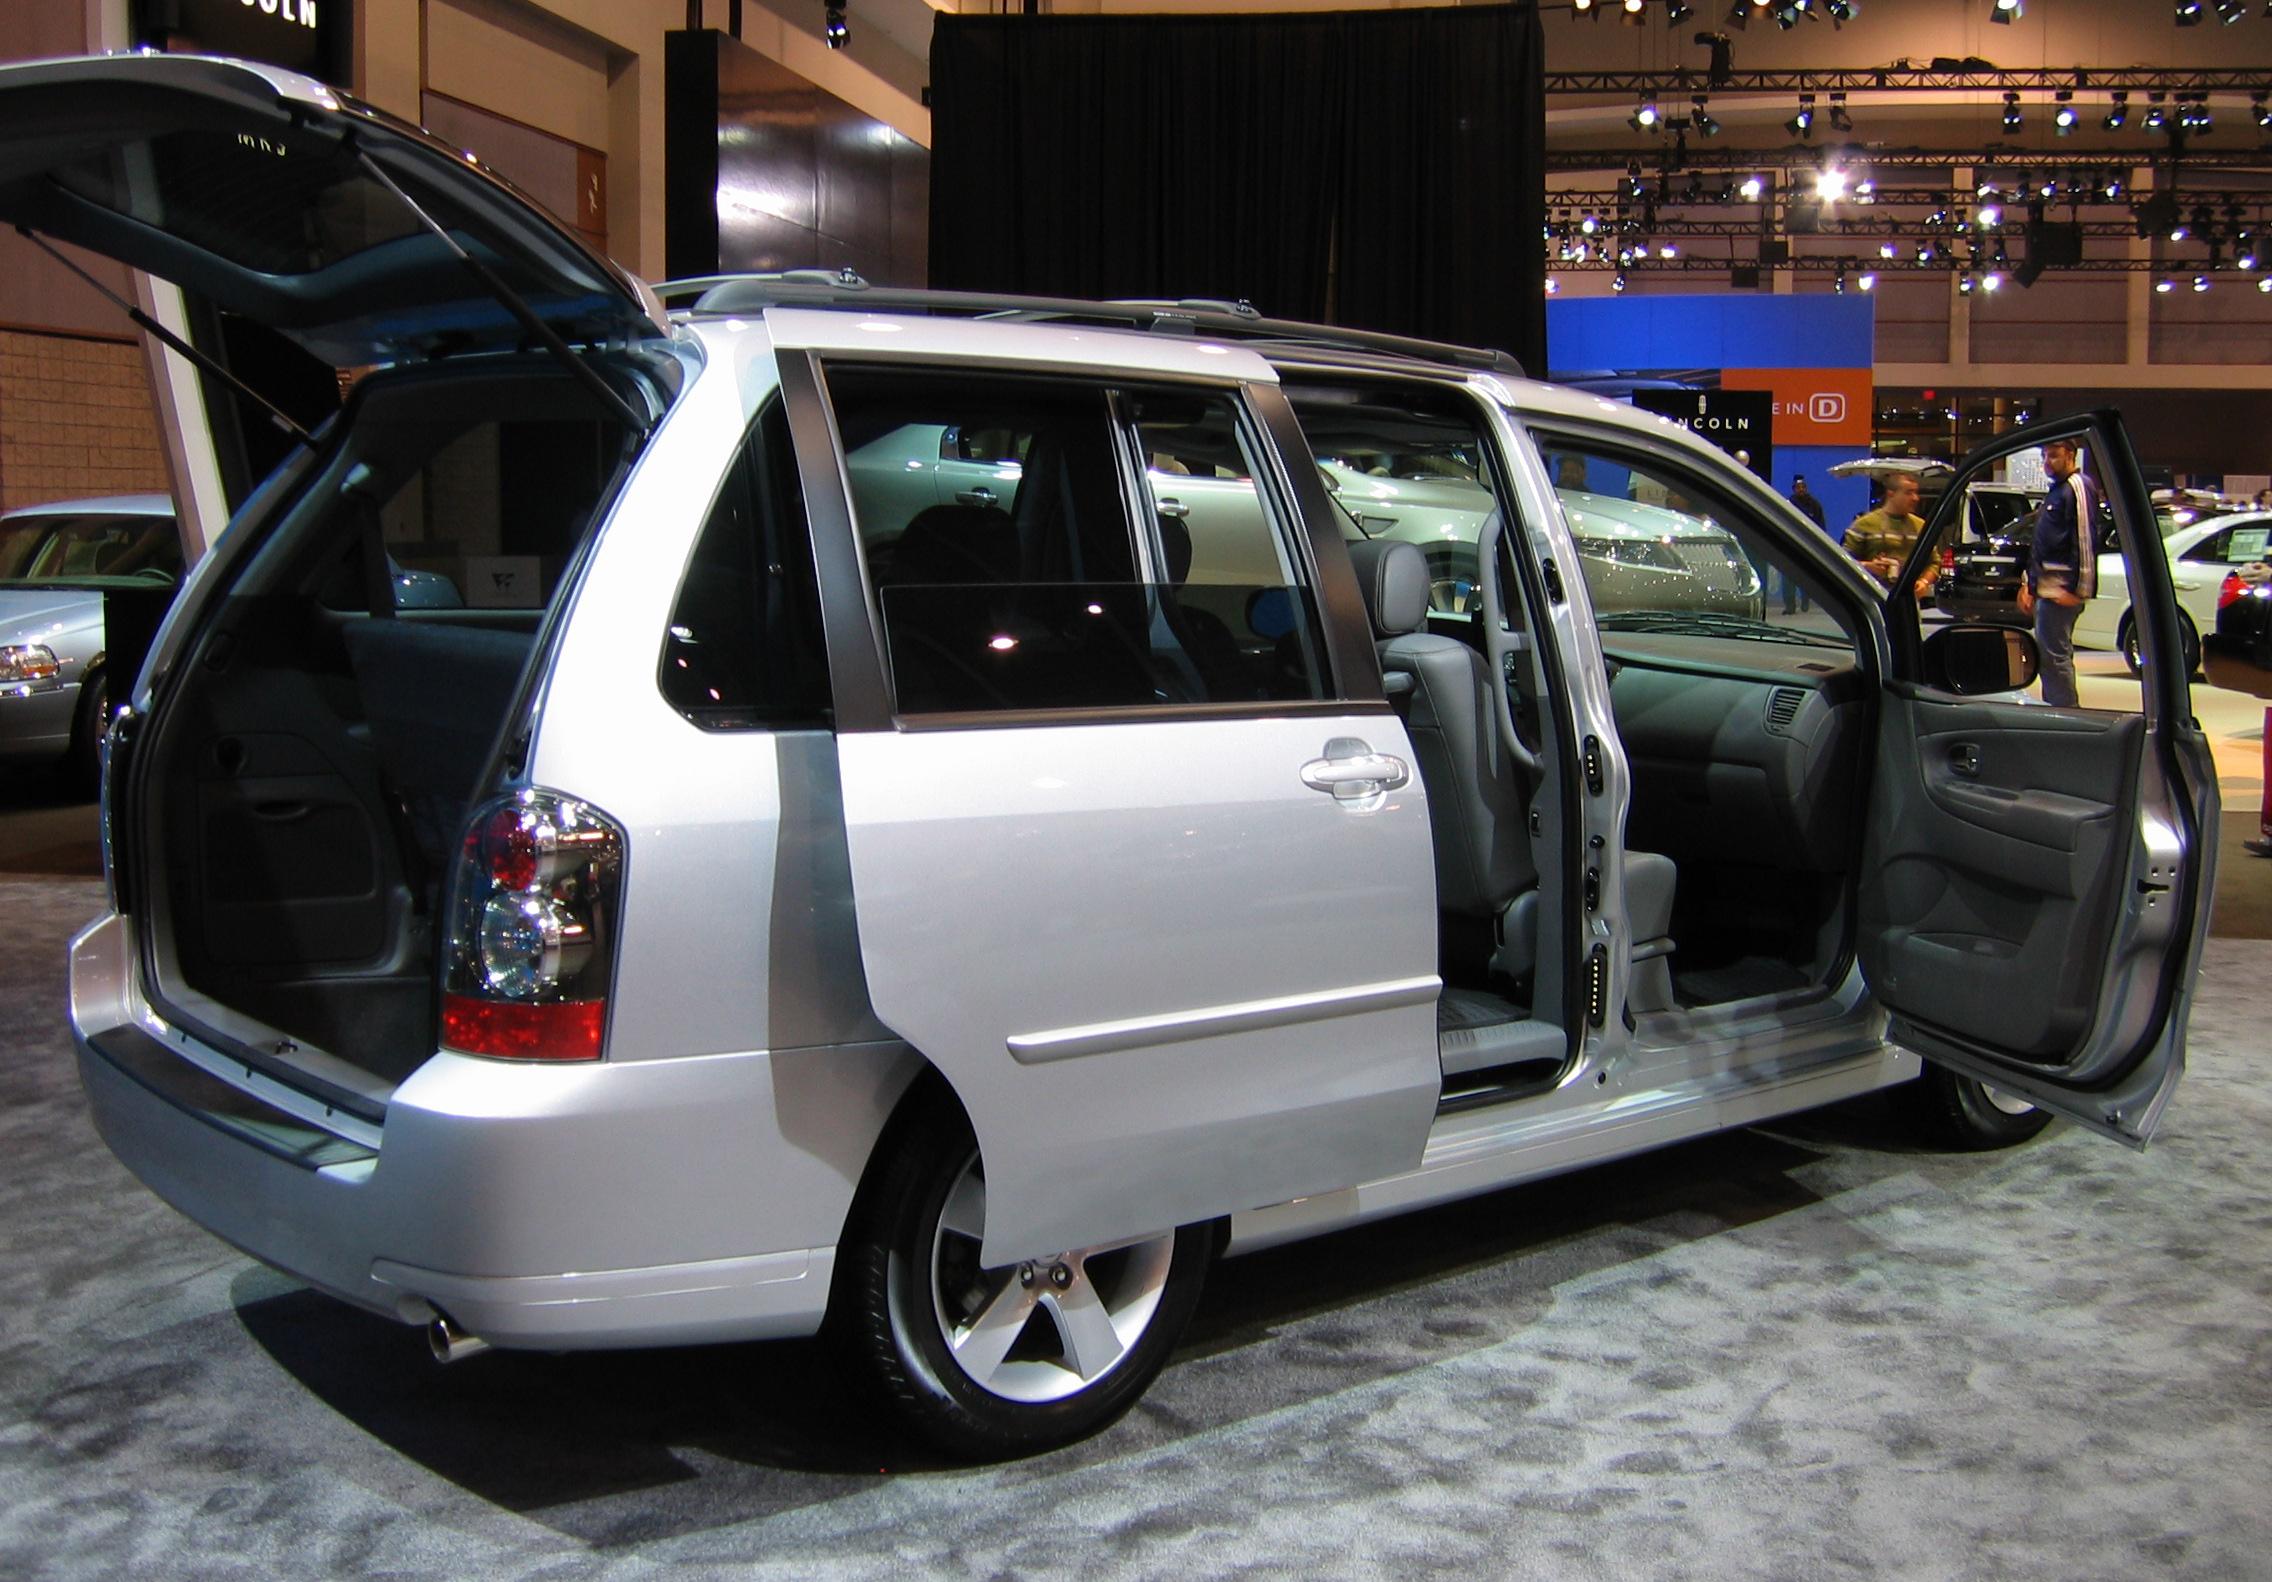 file washauto mazda mpv jpg wikimedia commons rh commons wikimedia org 2001 Mazda MPV 2005 Mazda MPV